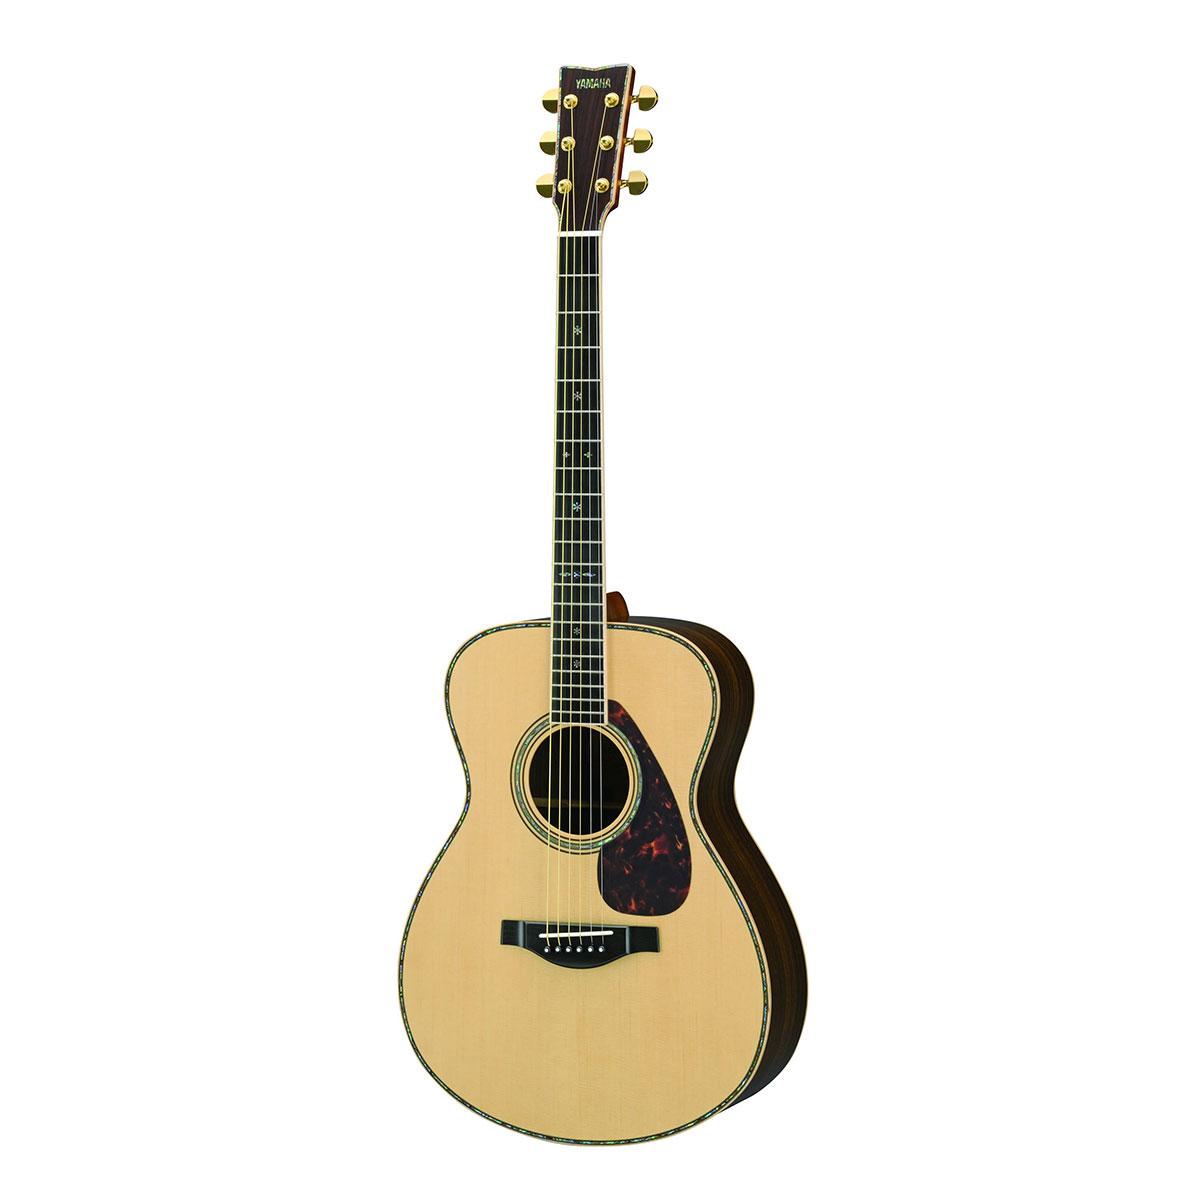 【受注生産】YAMAHA アコースティックギター LS56 CUSTOM ARE / Natural